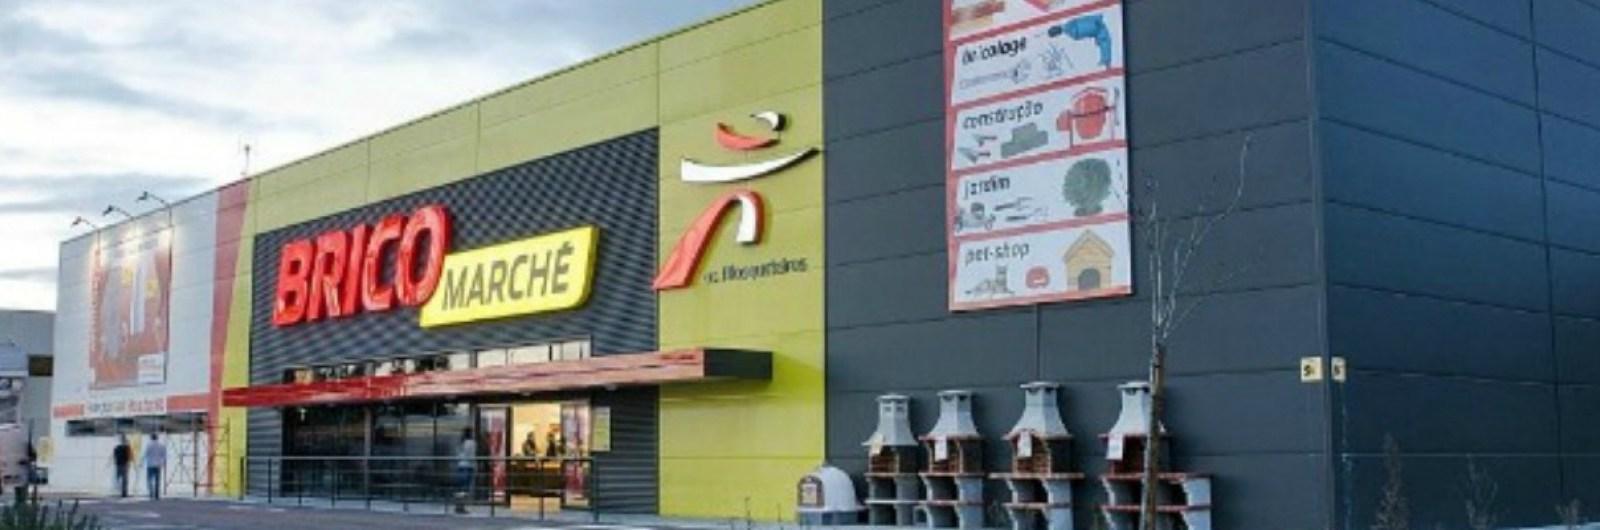 Bricomarché implementa novo conceito em Viana do Castelo e em Guimarães